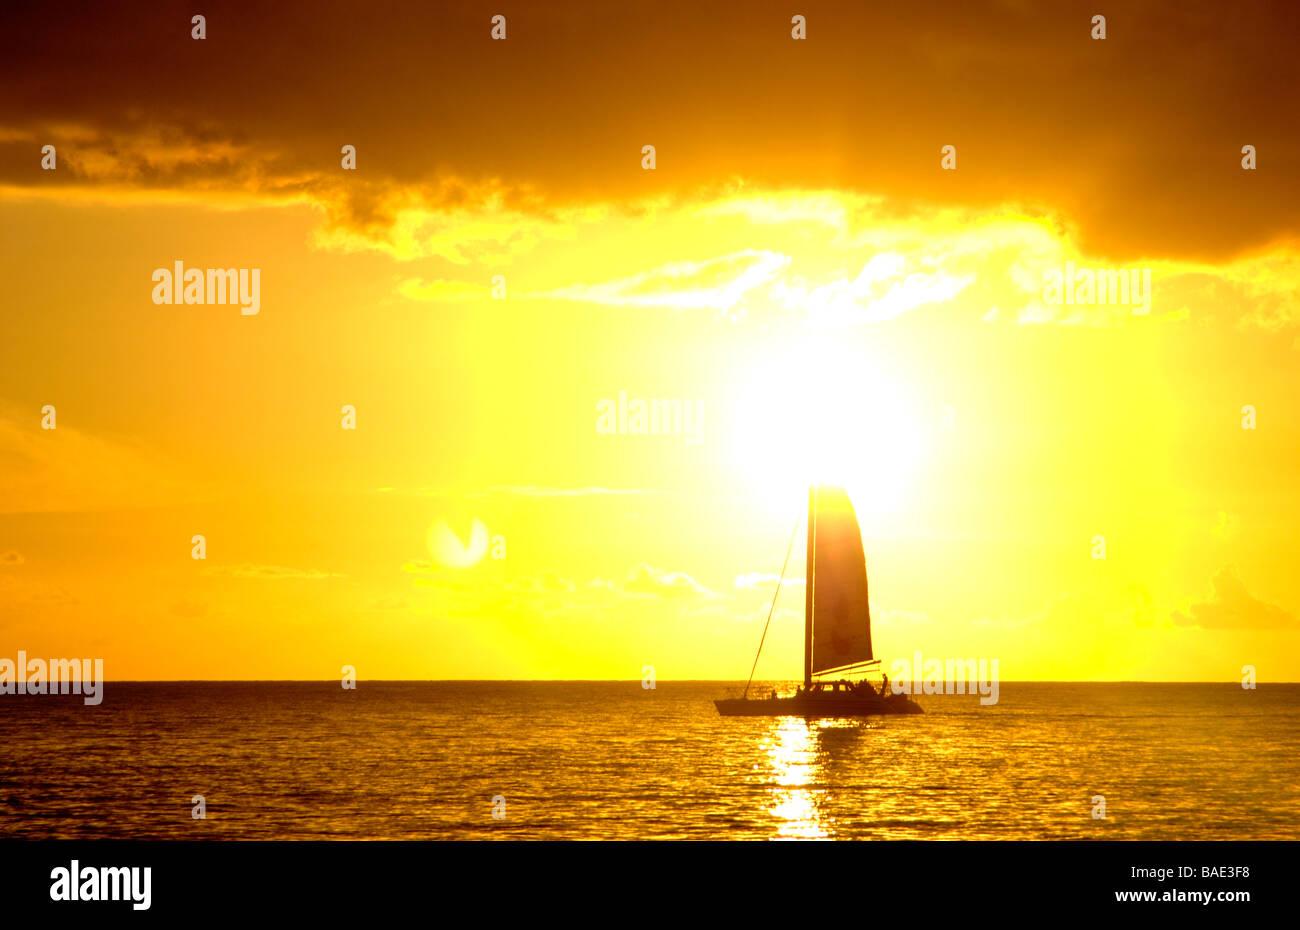 A single sail catamaran sails at sunset in Barbados - Stock Image